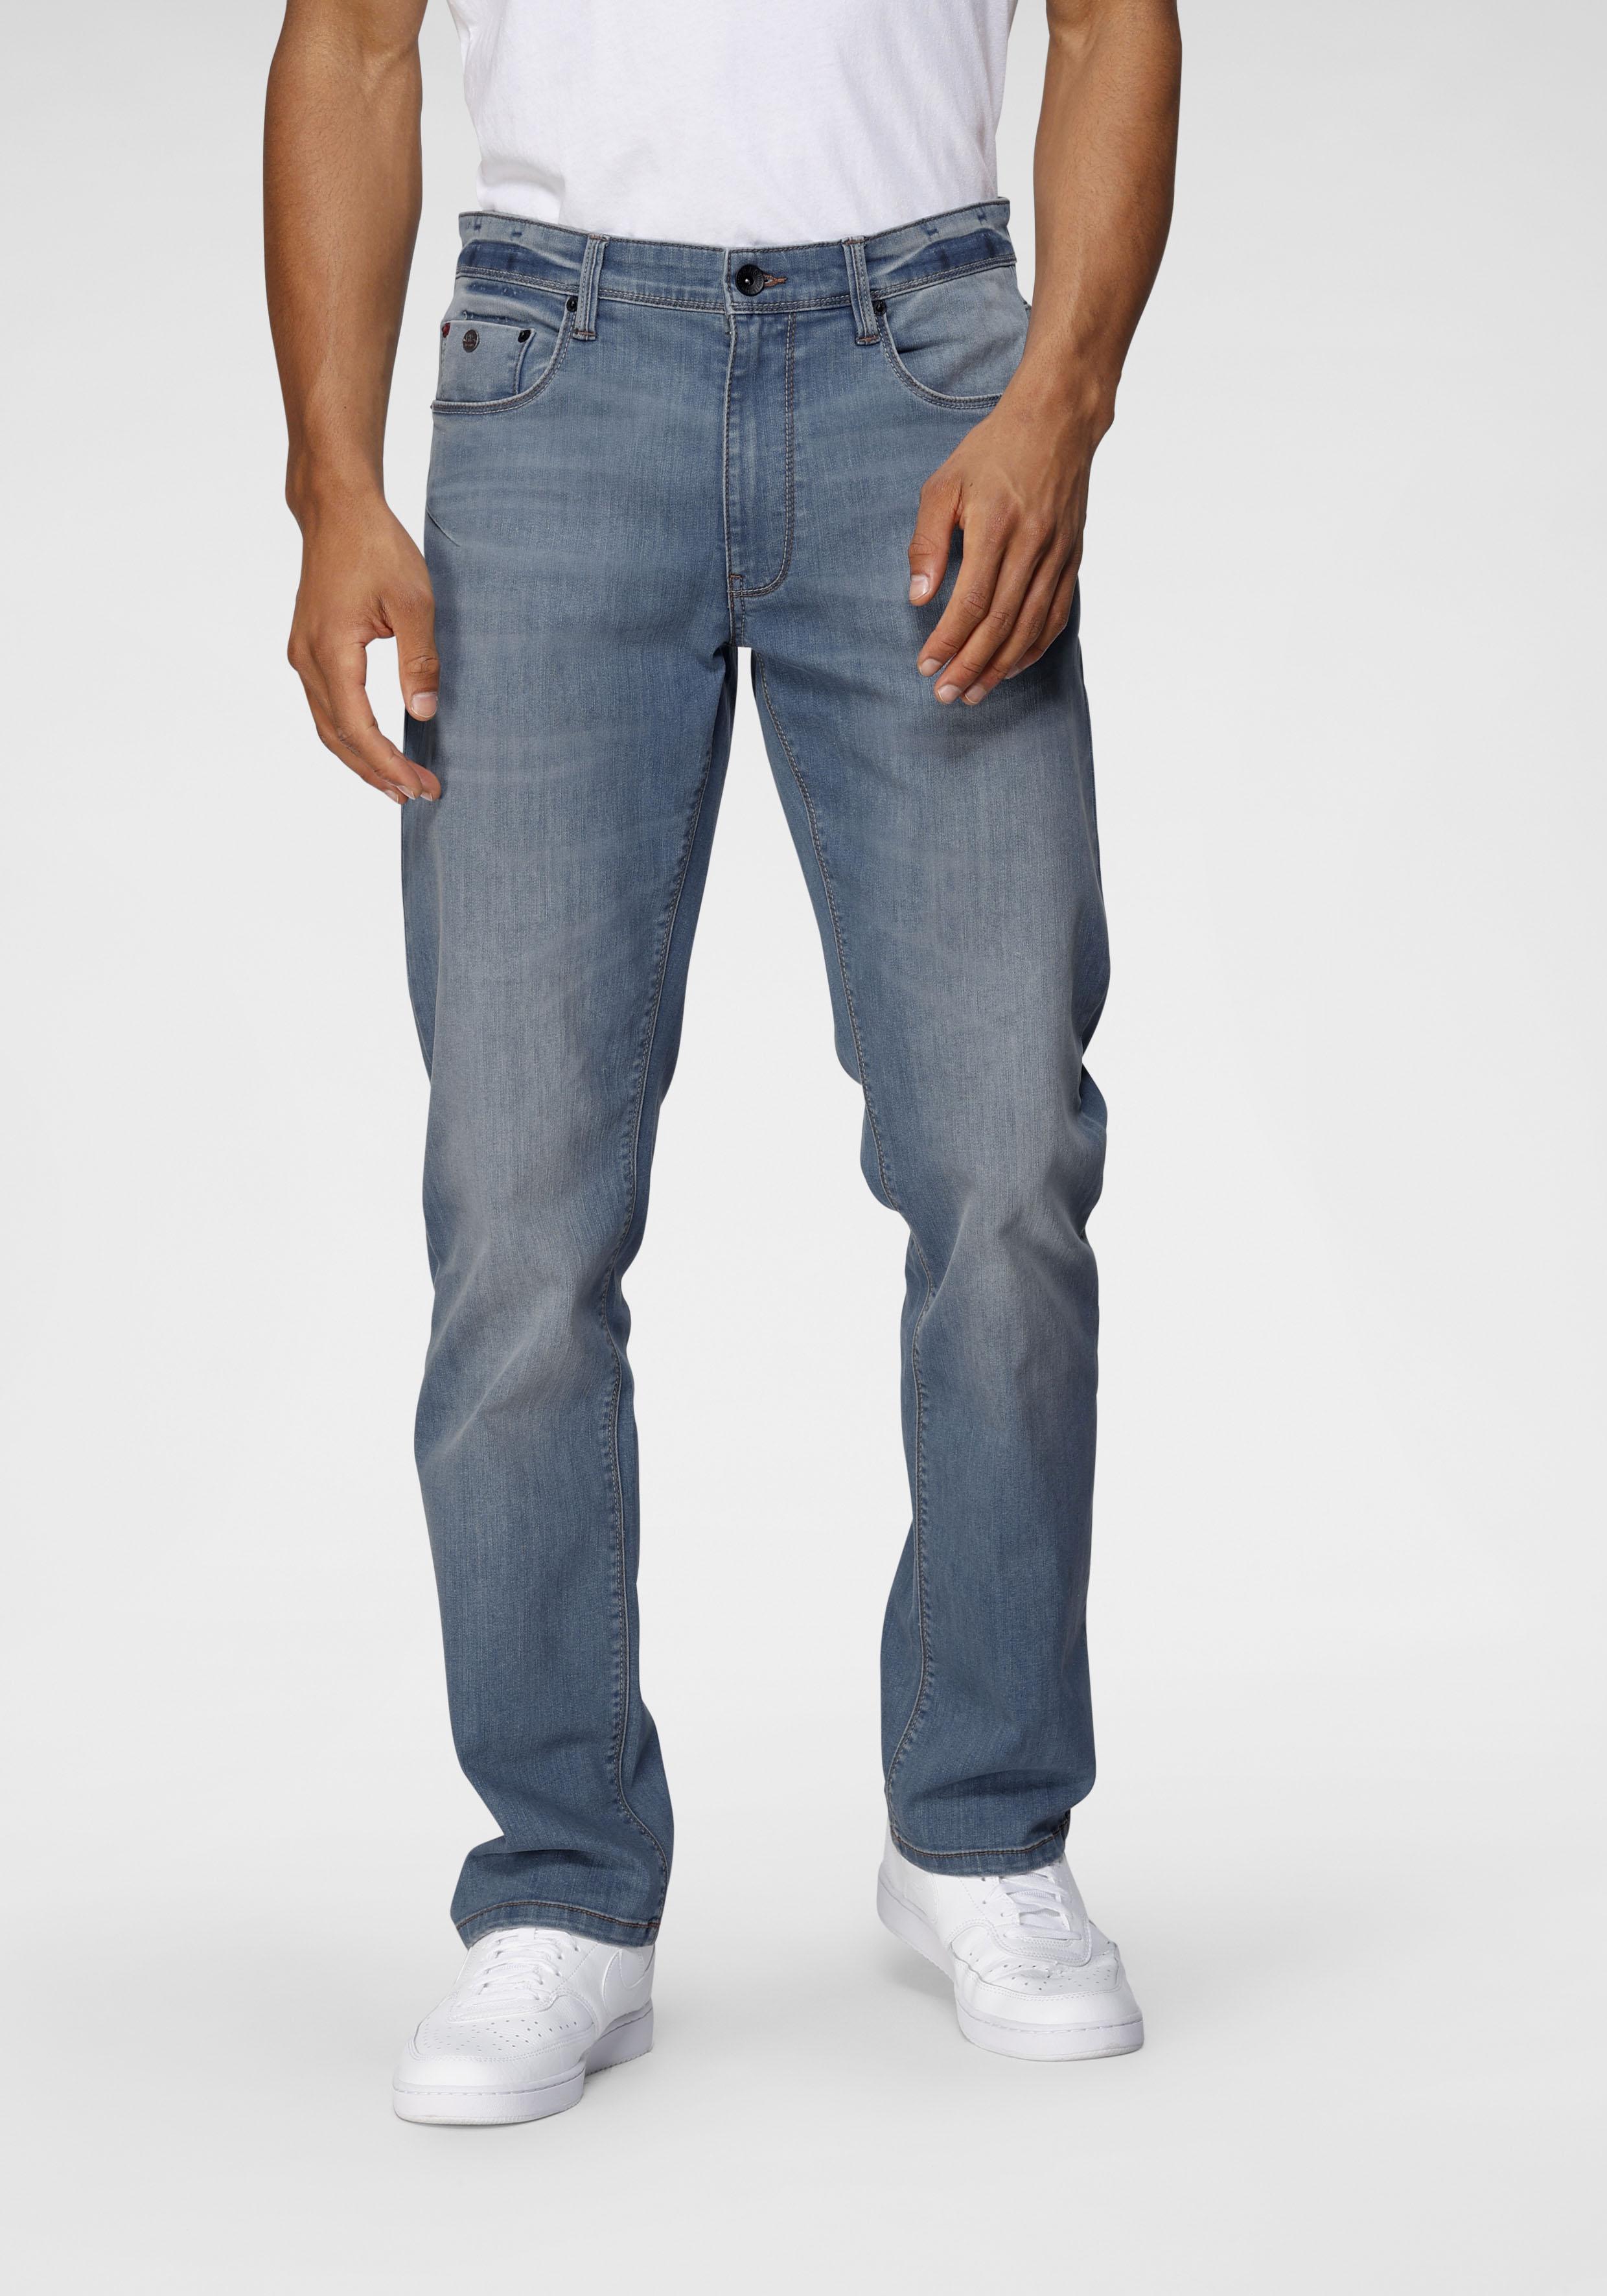 h.i.s -  Comfort-fit-Jeans ANTIN, Nachhaltige, wassersparende Produktion durch OZON WASH